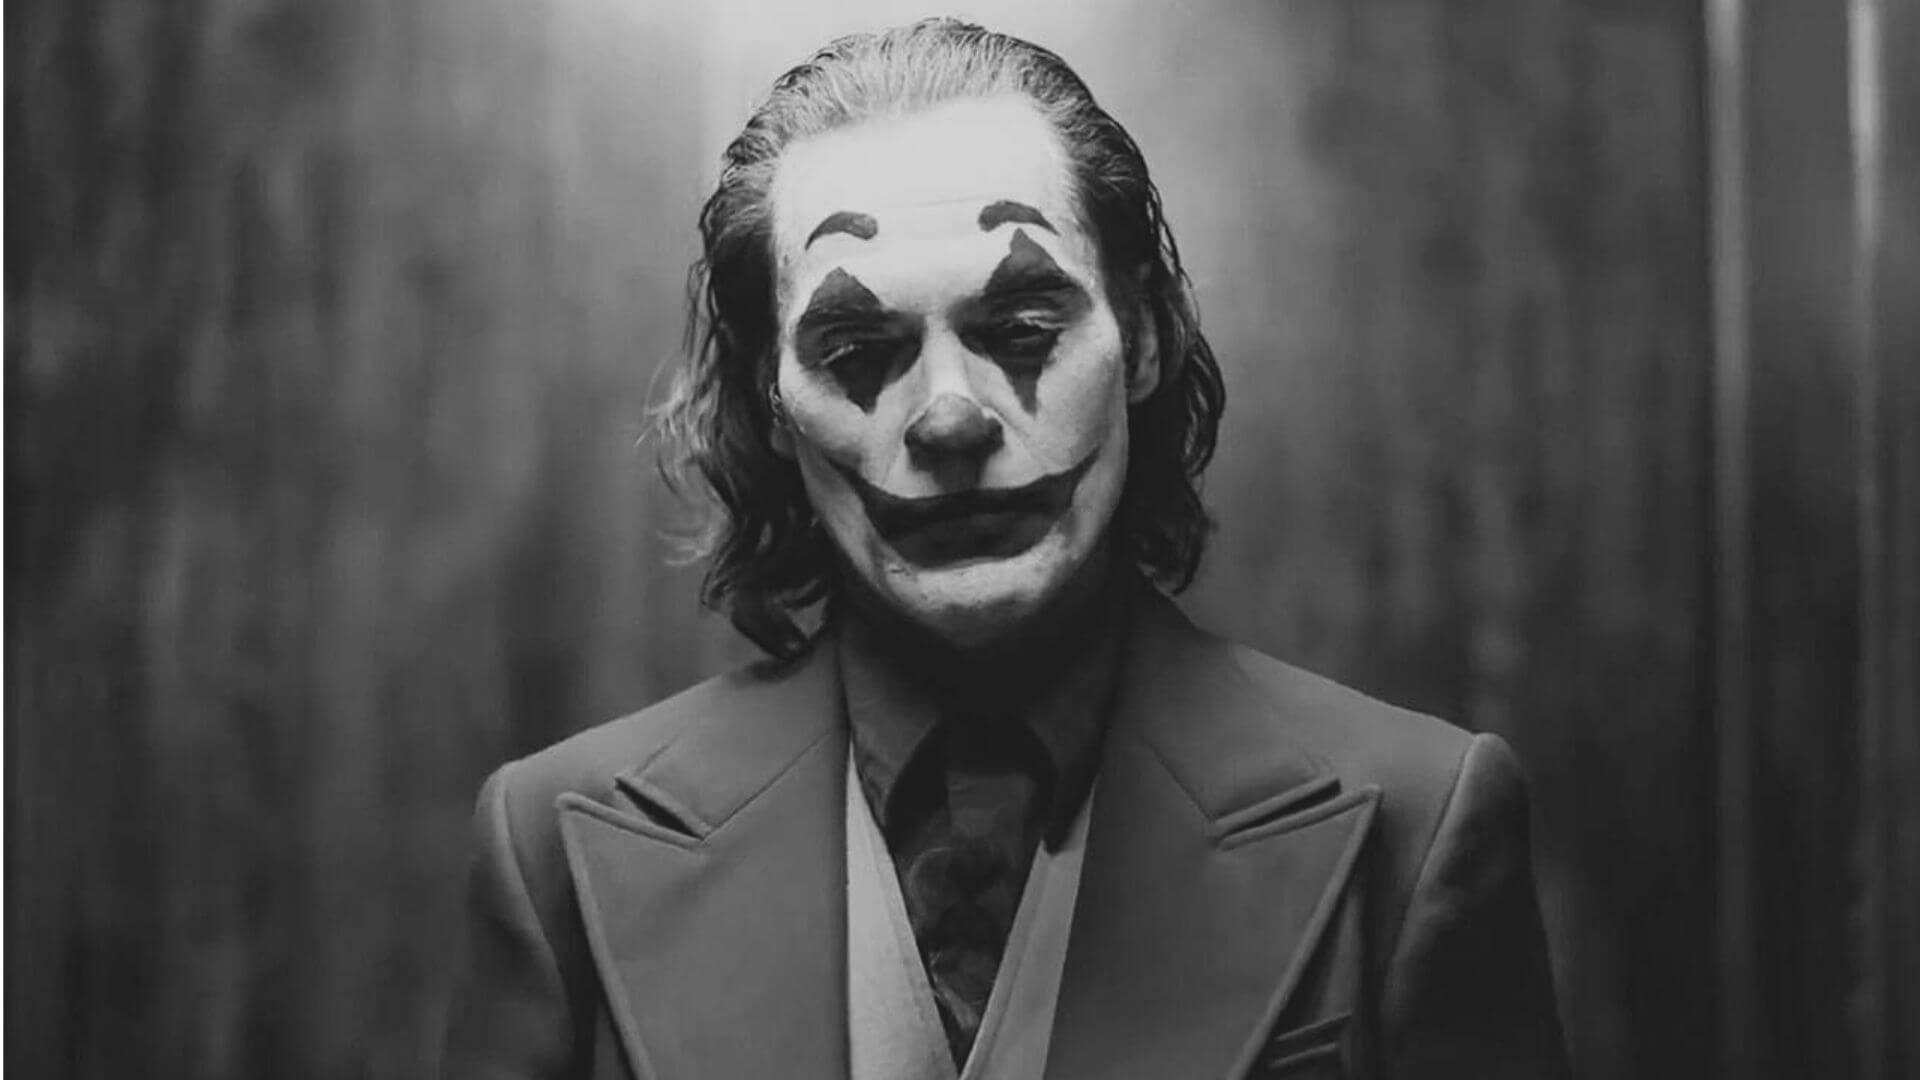 Joker black and white wallpaper 4k